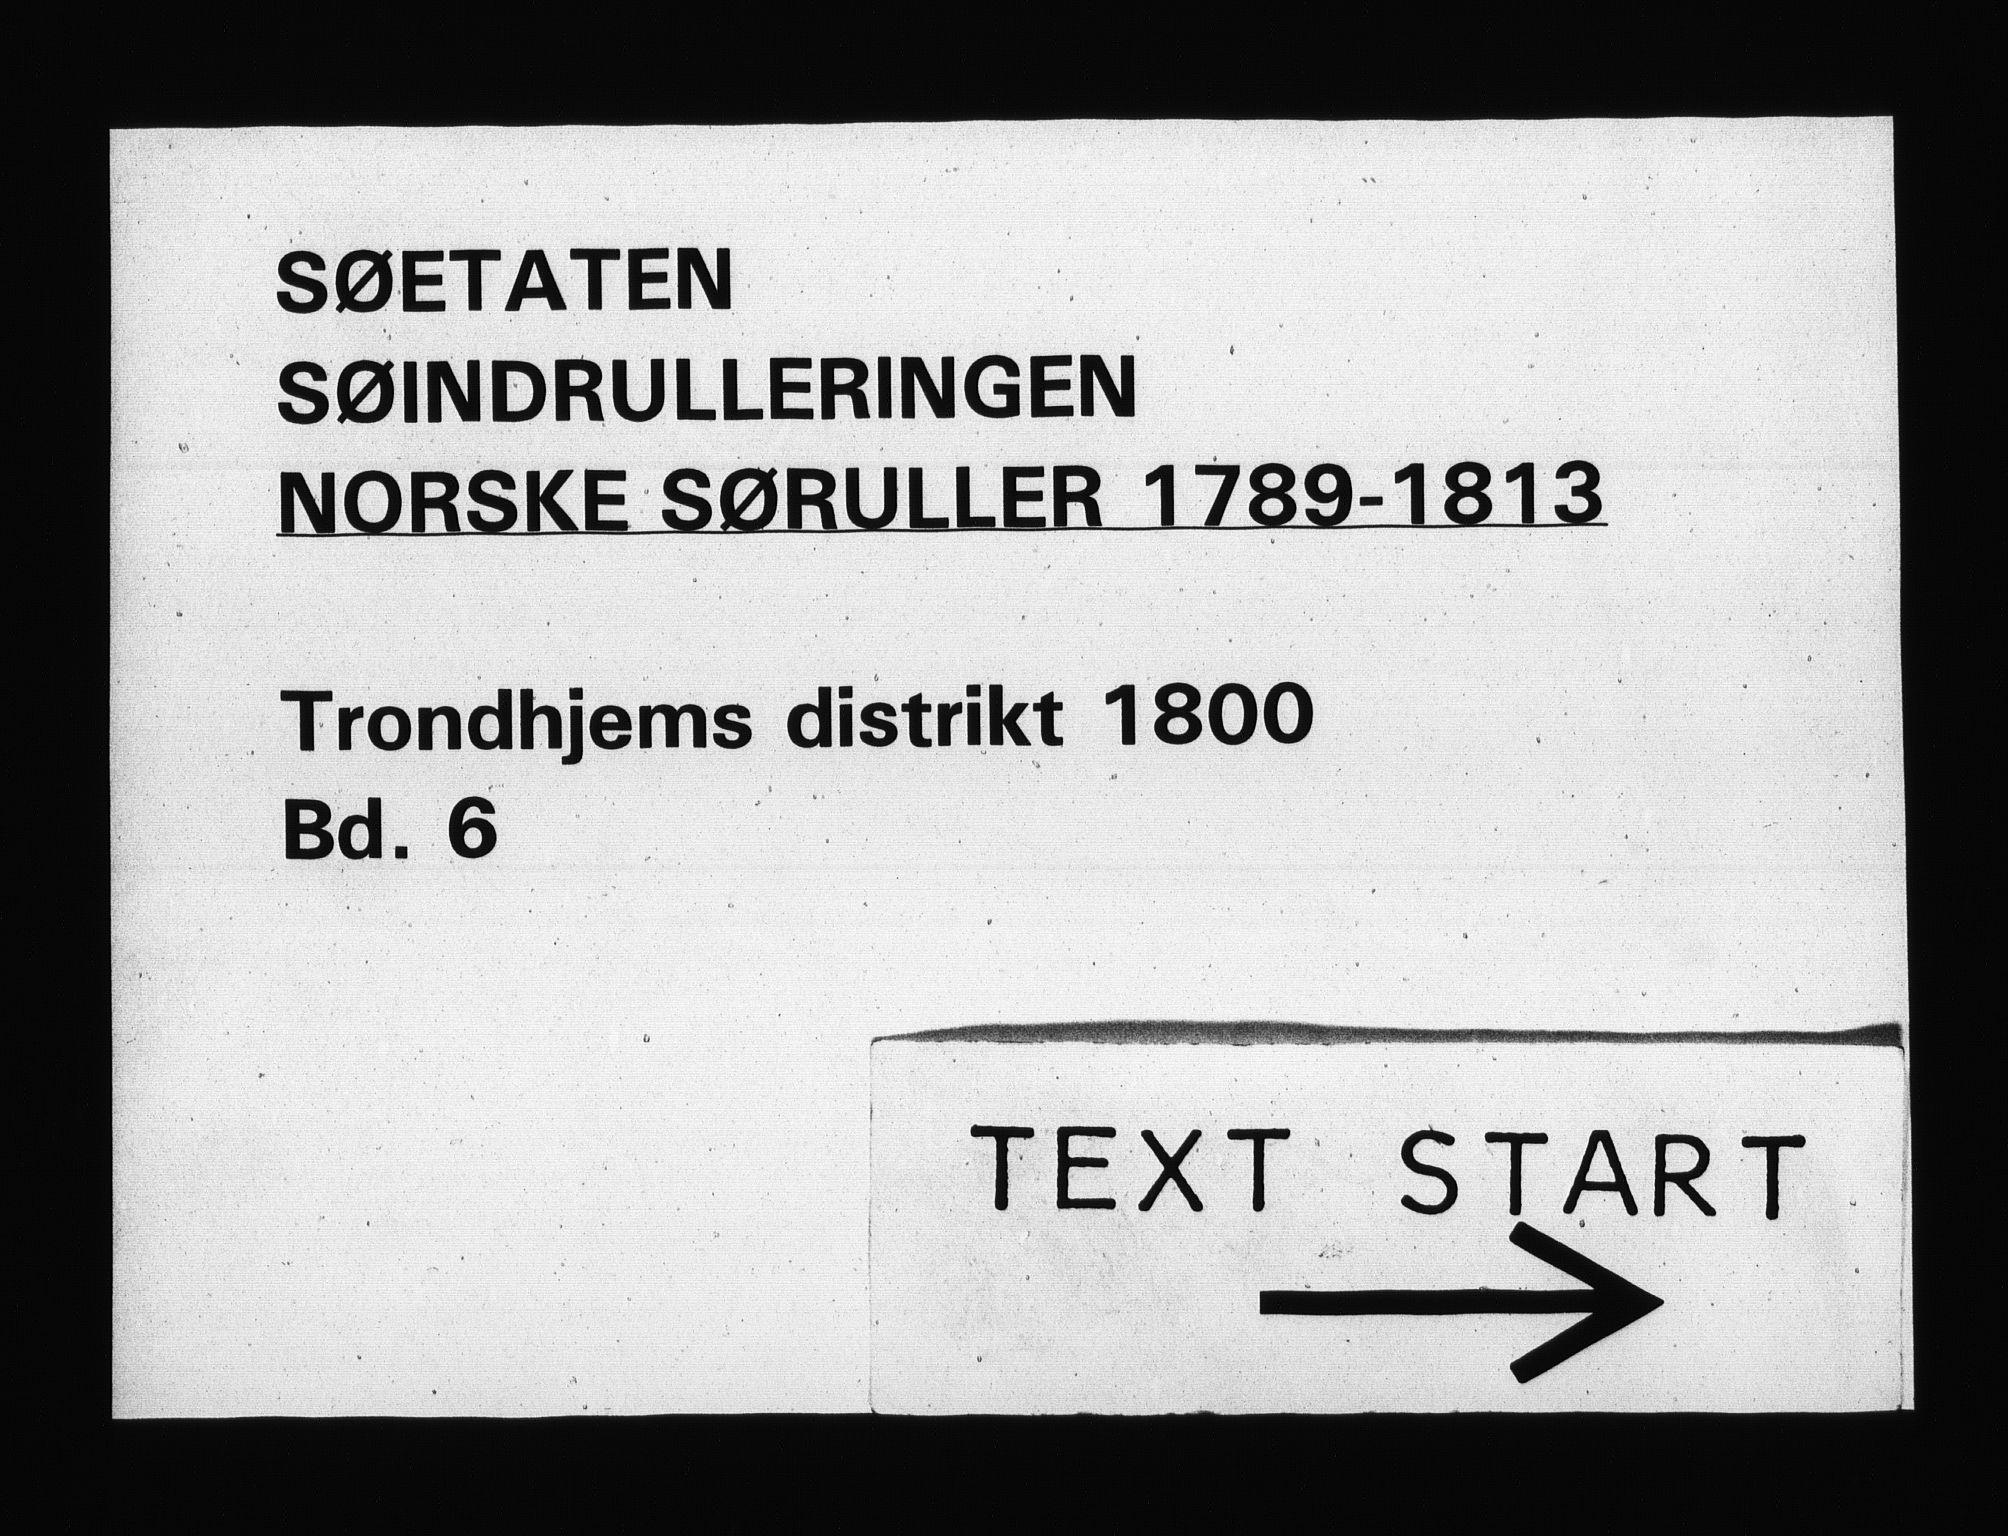 RA, Sjøetaten, F/L0323: Trondheim distrikt, bind 6, 1800